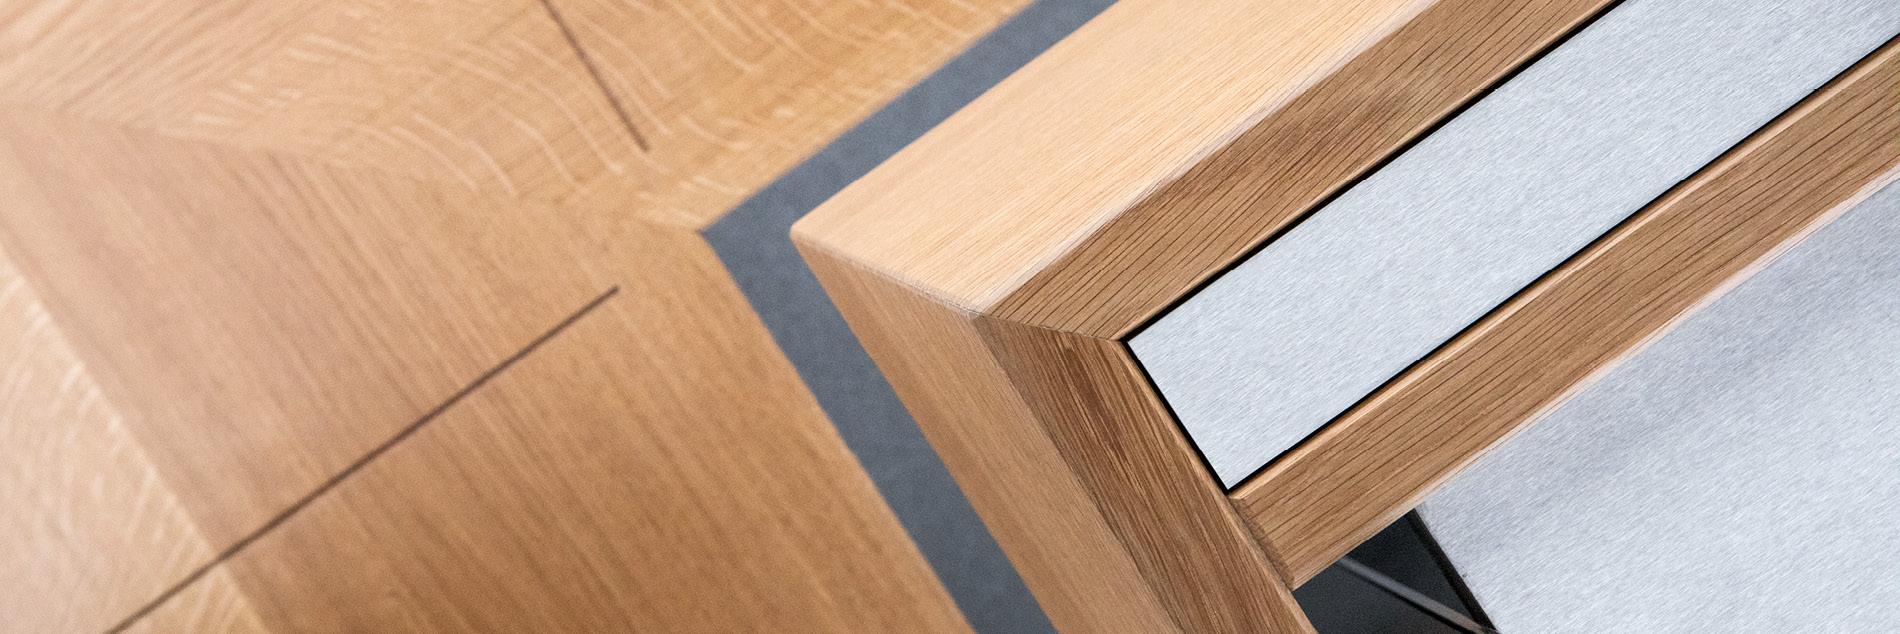 Detail auf Material-Mix einer Sitzbank